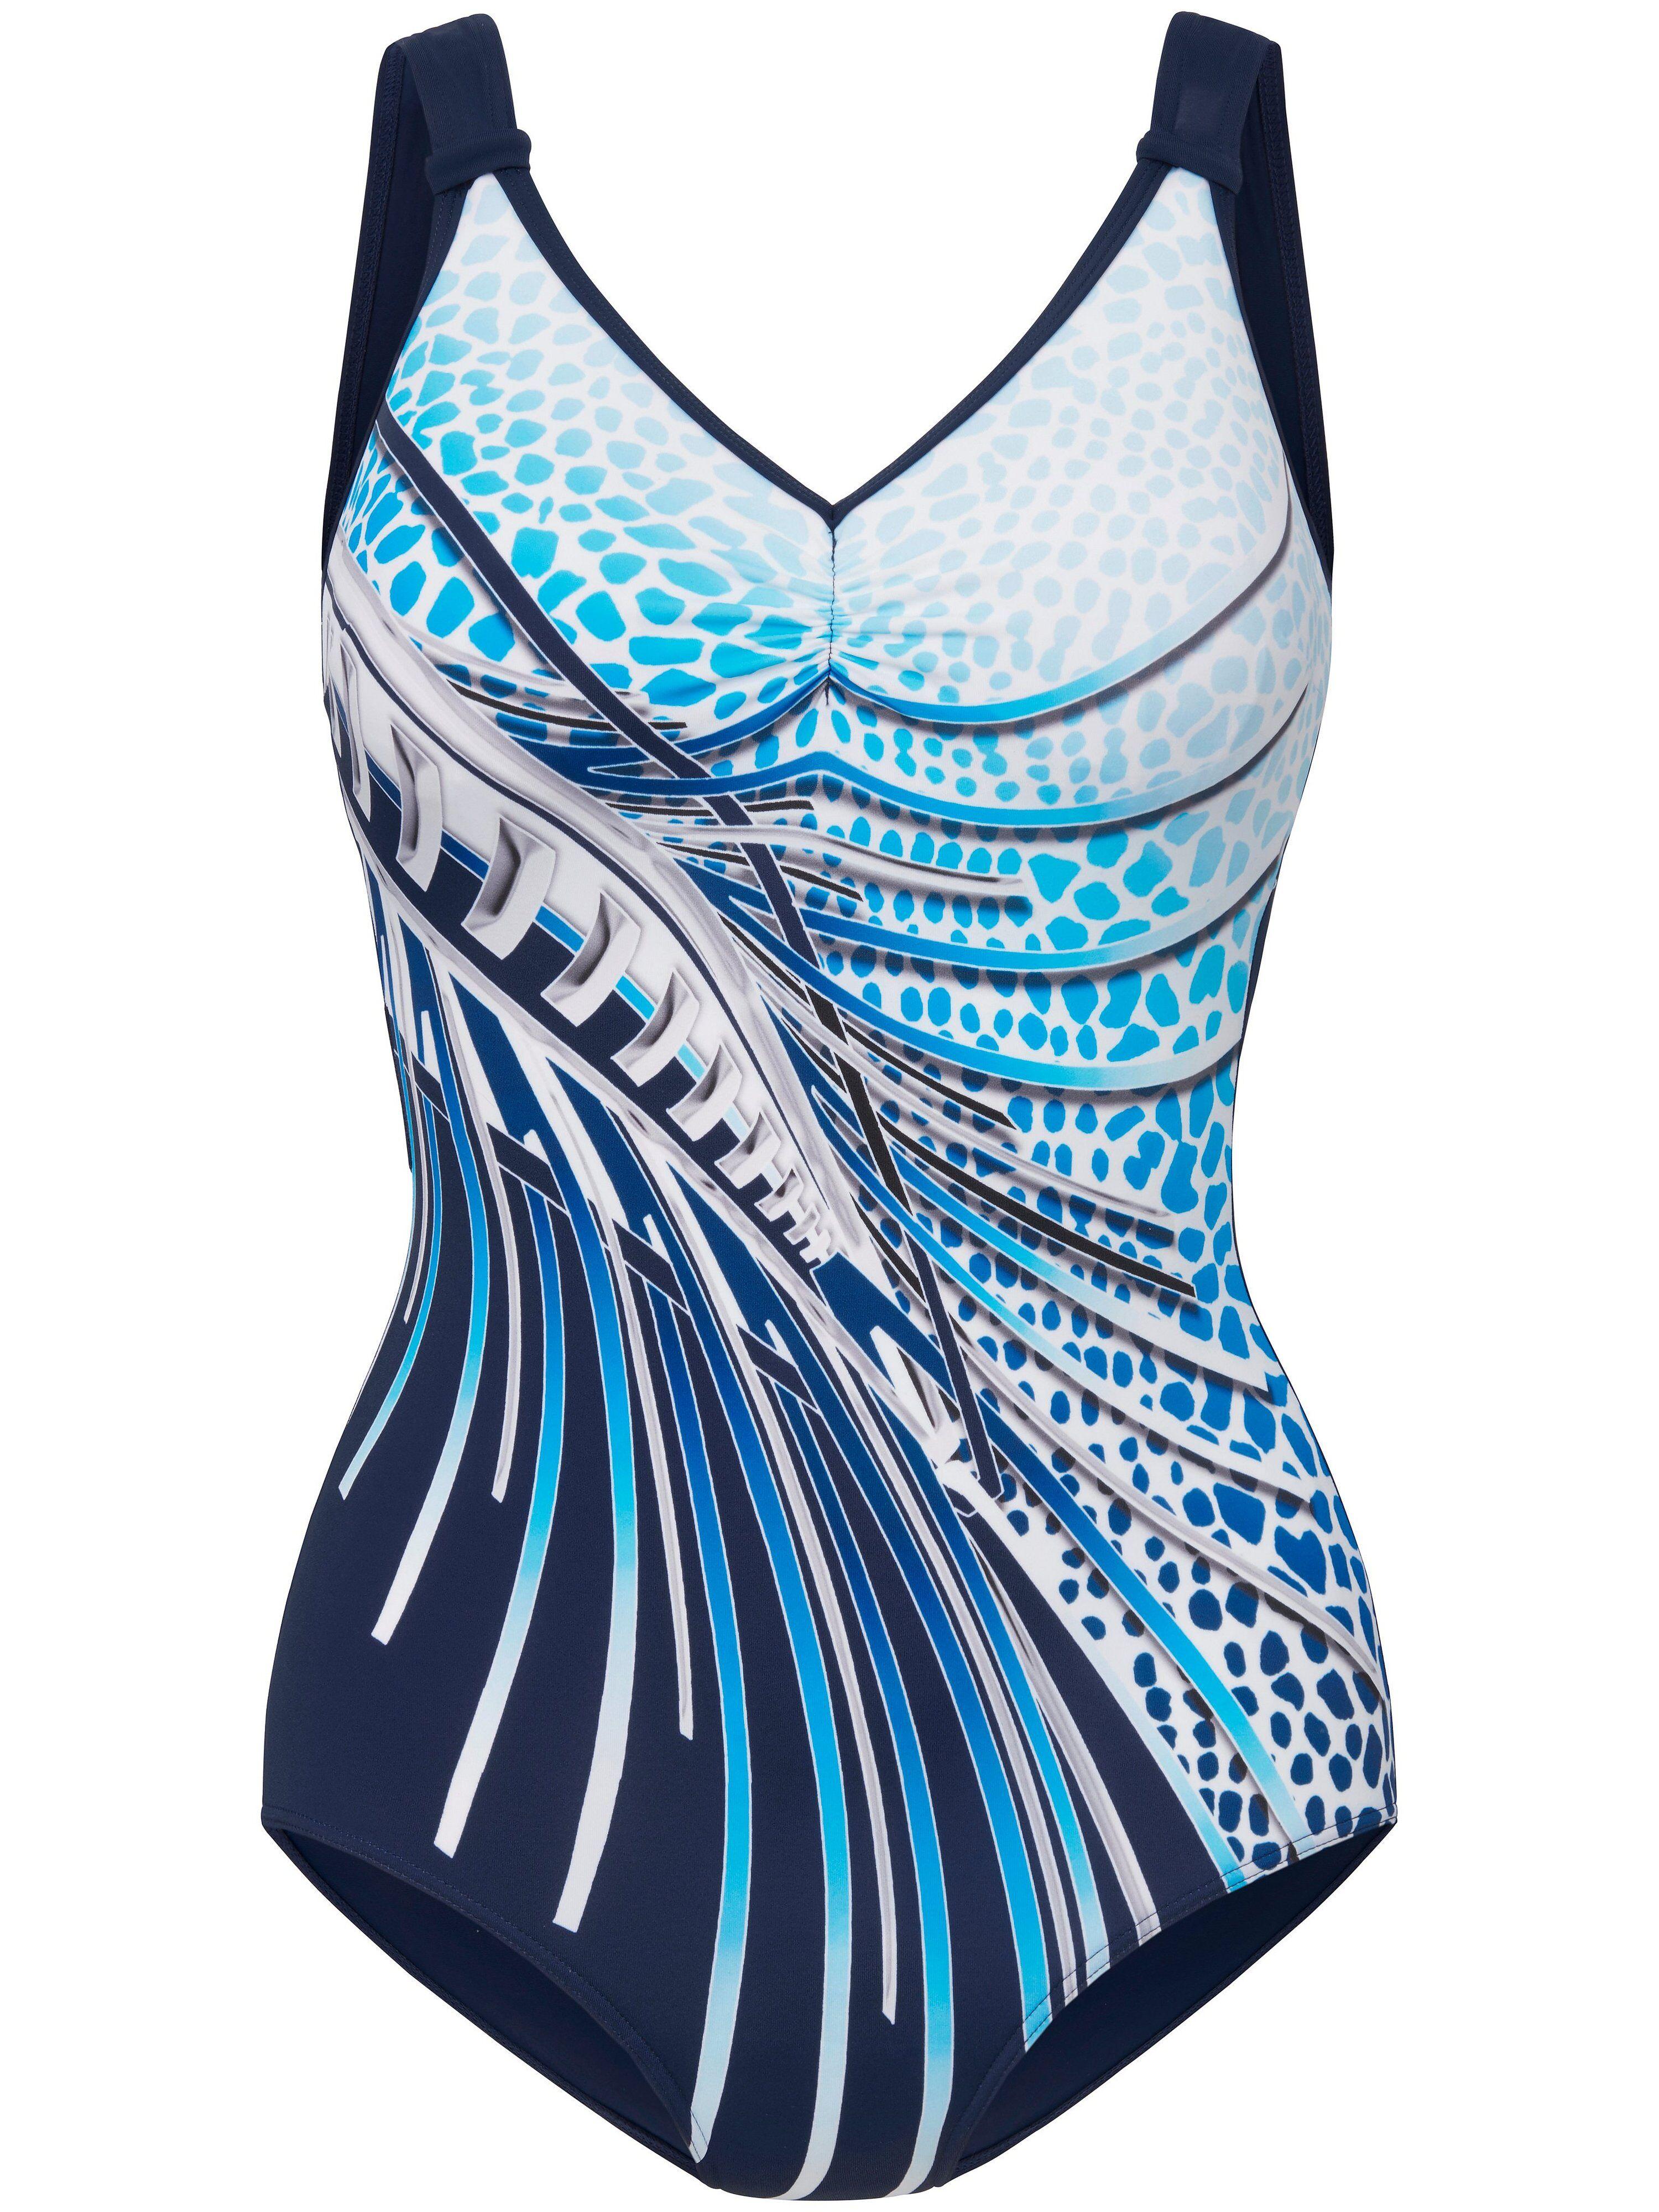 Sunmarin Le maillot bain avec fronces entre les bonnets  Sunmarin bleu  - Femme - 42